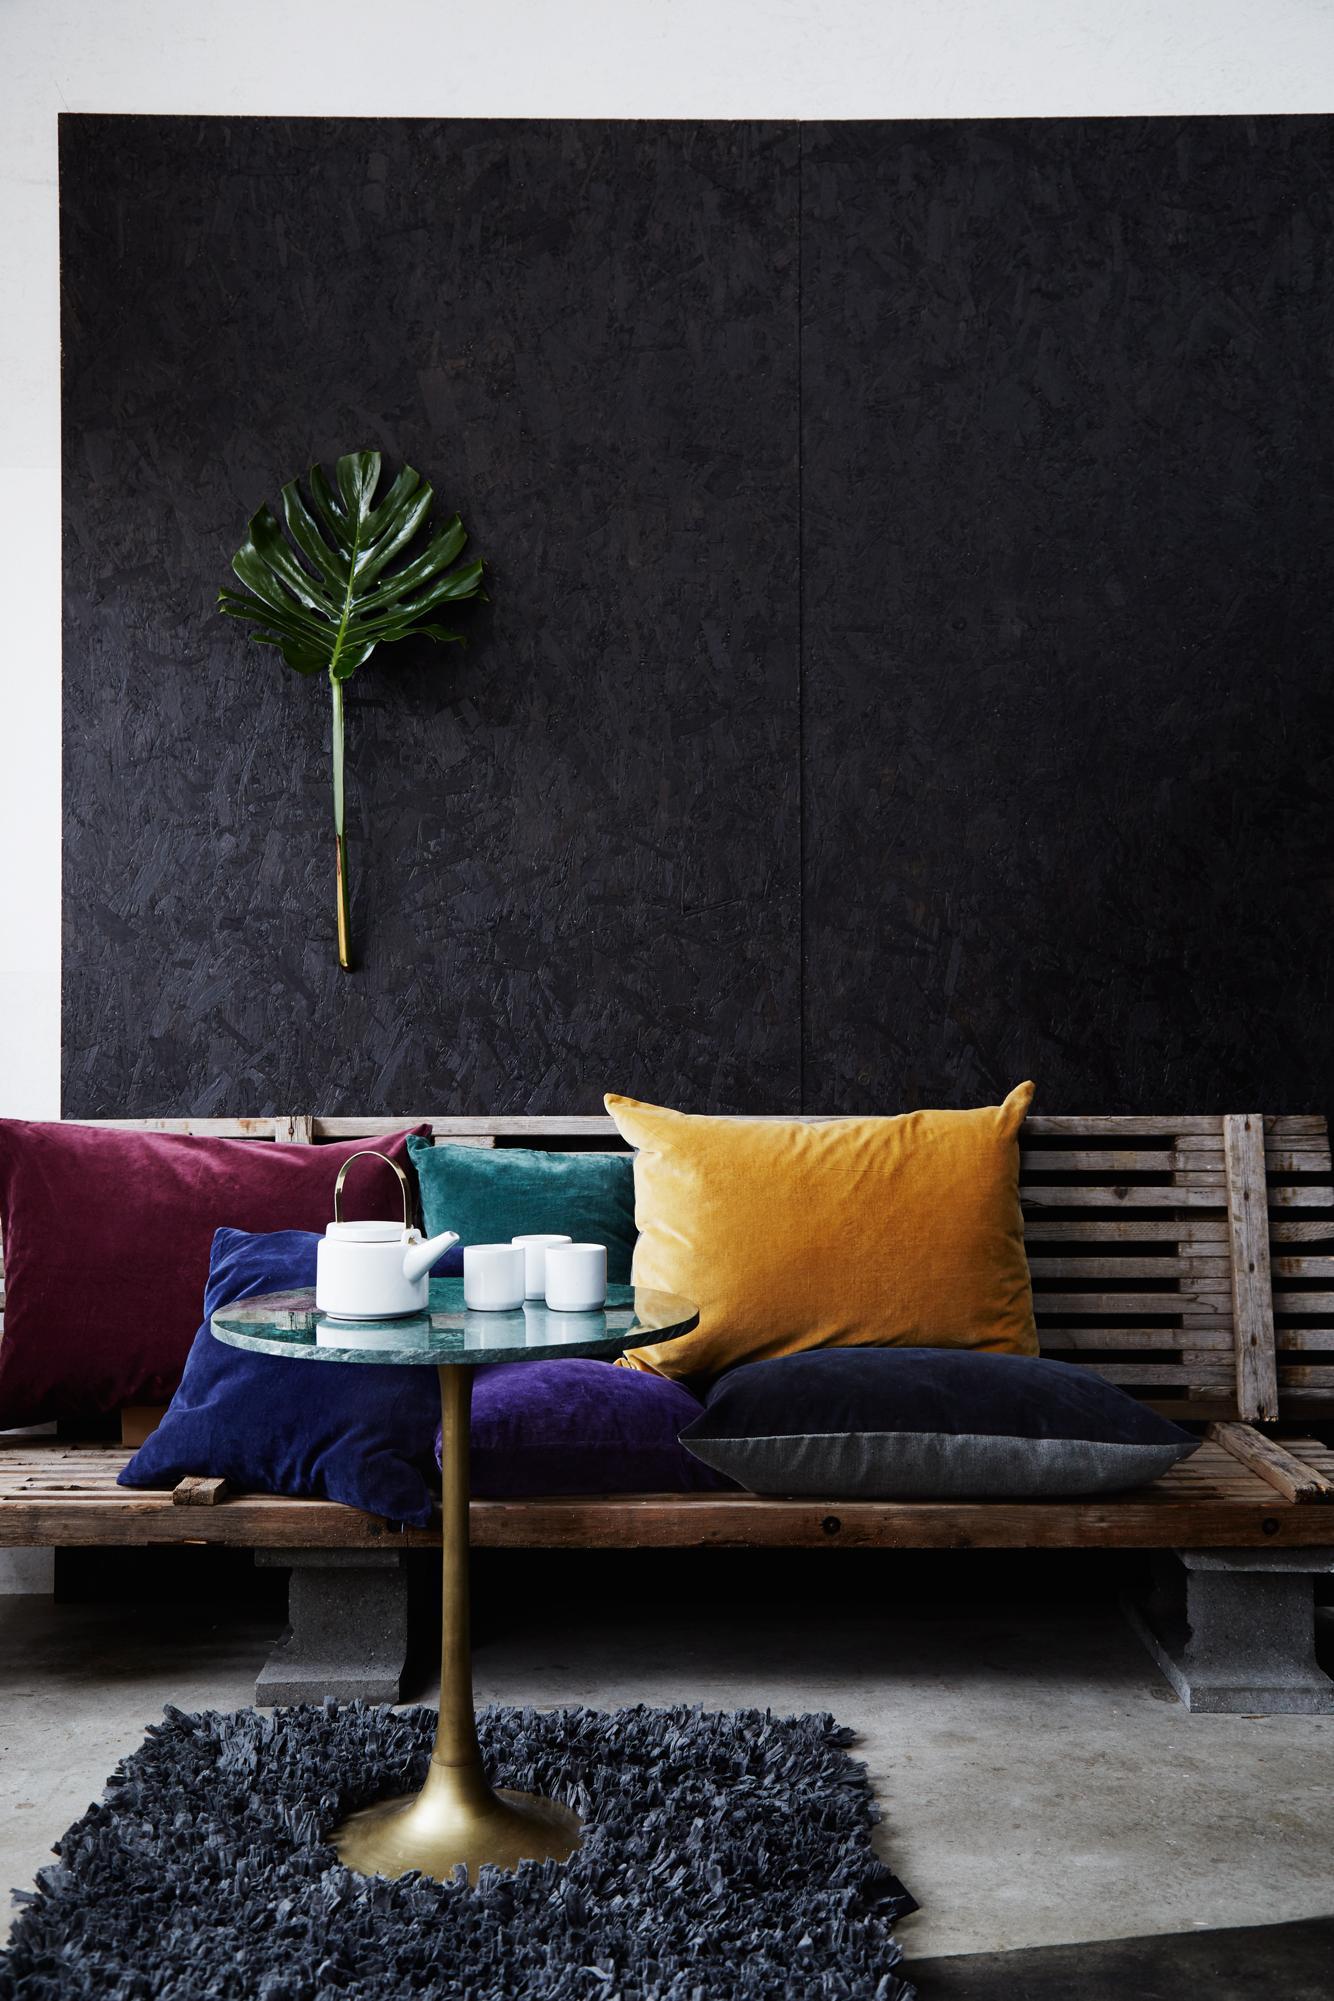 Wandgestaltung In Schwarz Beistelltisch Teppich Wohnzimmer Sofakissen Sofa